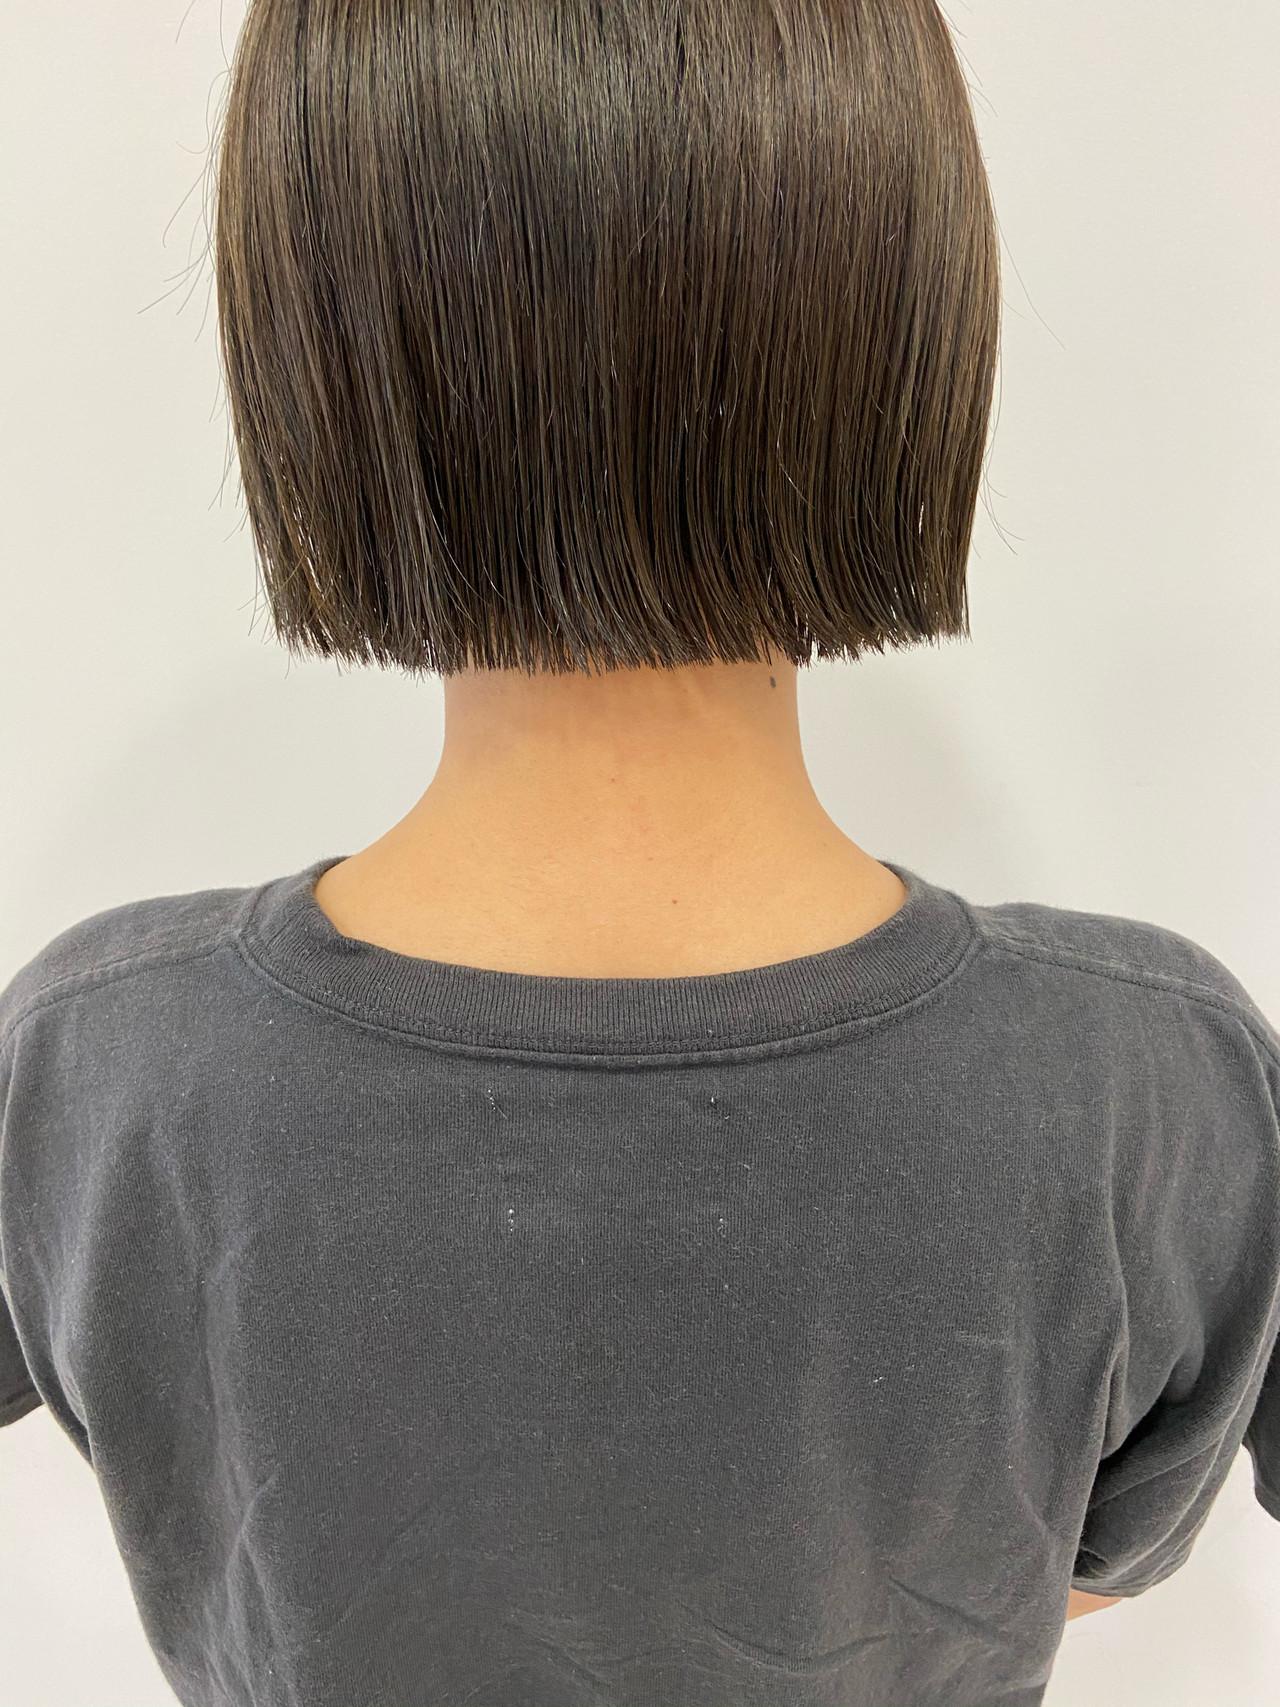 ボブ 切りっぱなしボブ ミニボブ まとまるボブ ヘアスタイルや髪型の写真・画像 | haruhi / CHIC feux